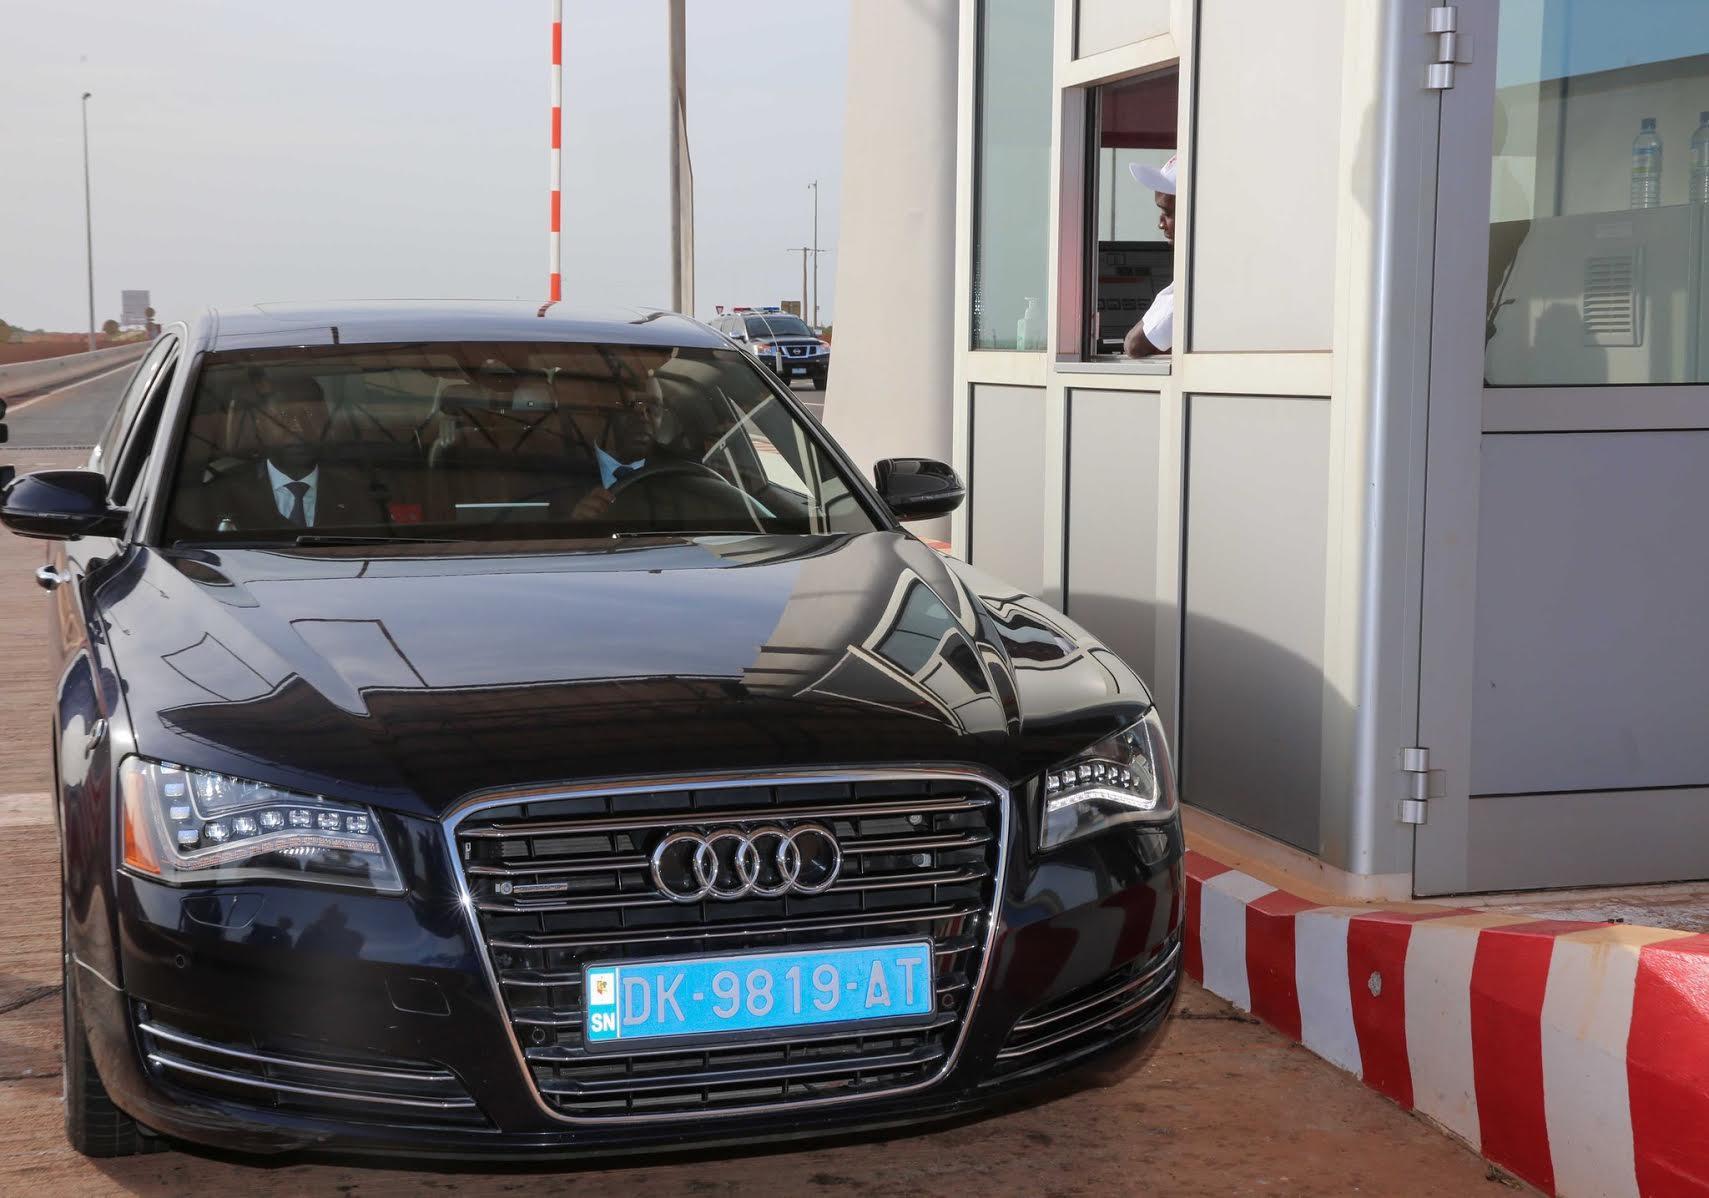 Le Président conduit sa voiture personnelle et embarque son premier ministre sur l'autoroute à péage